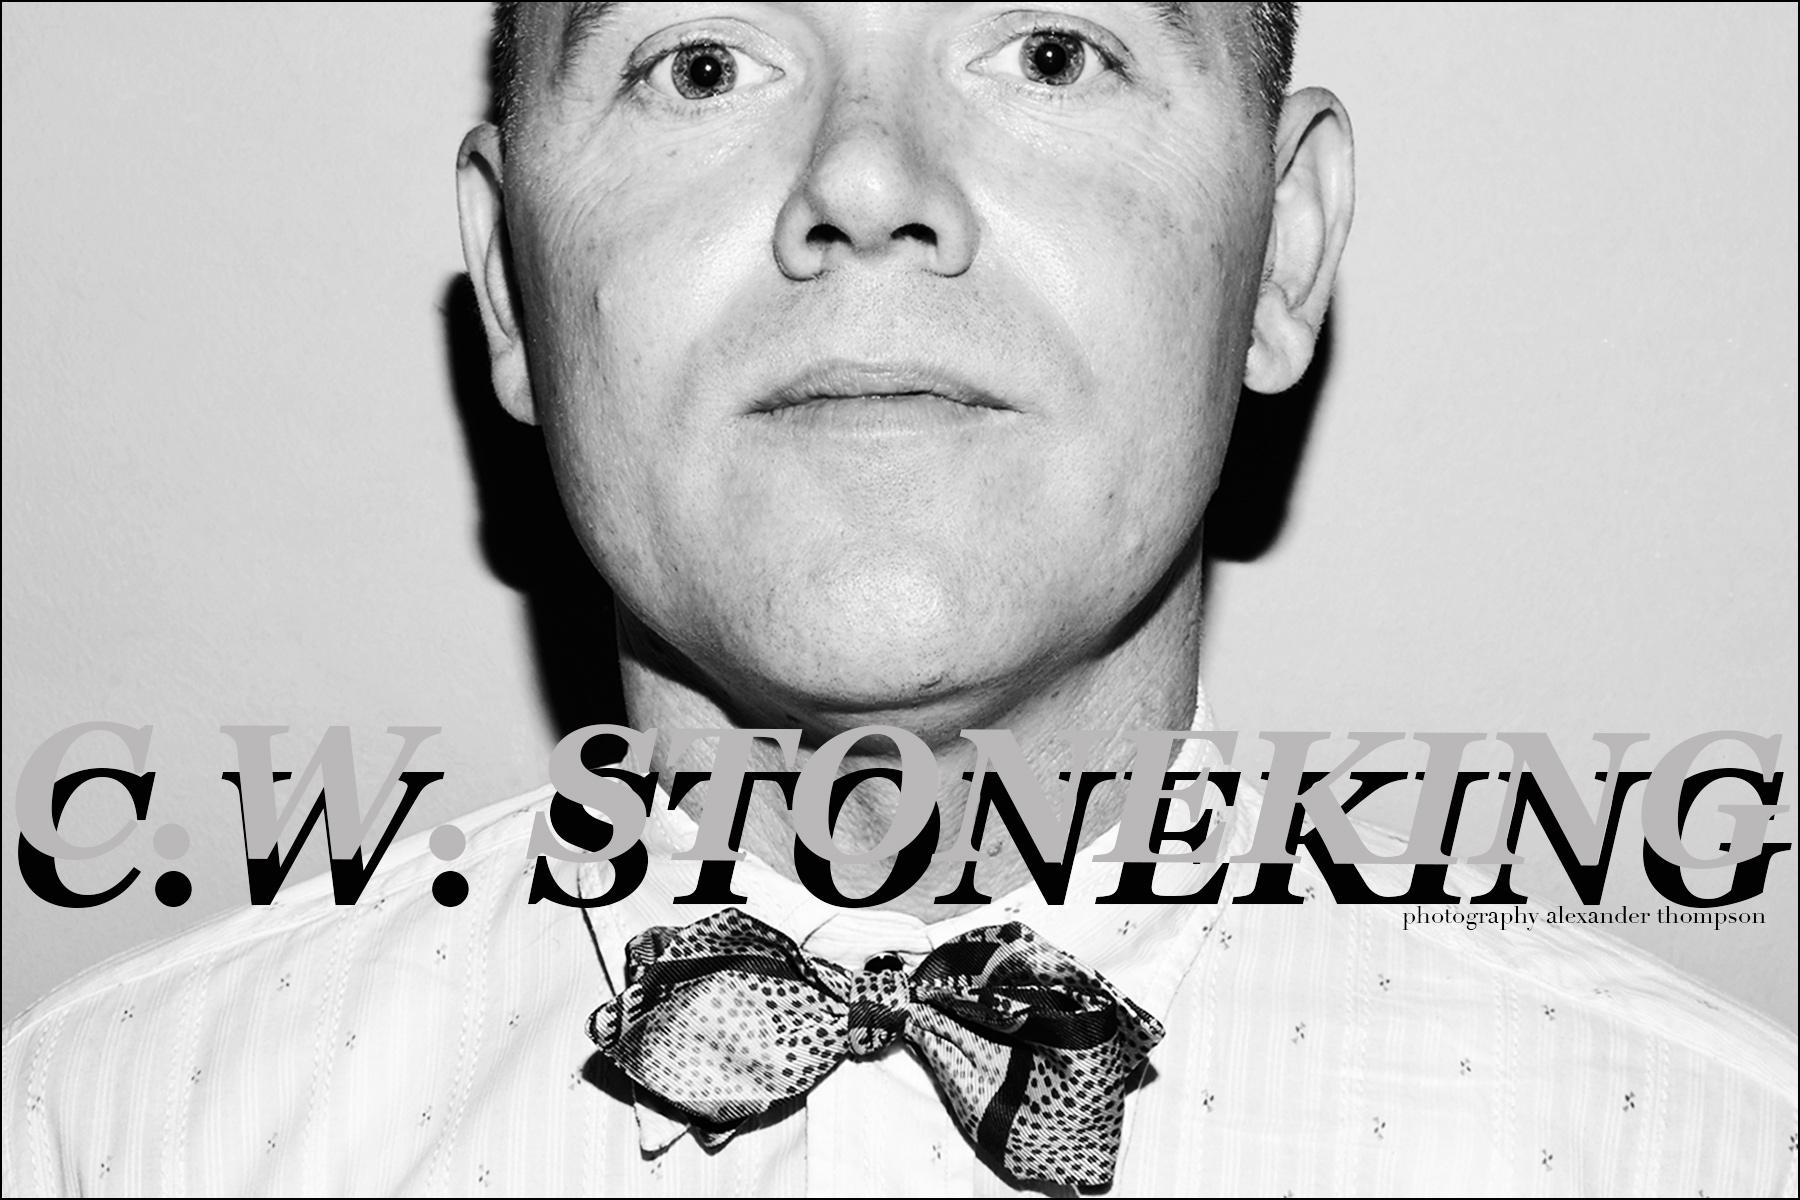 C.W. Stoneking photographed for Ponyboy magazine by Alexander Thompson.